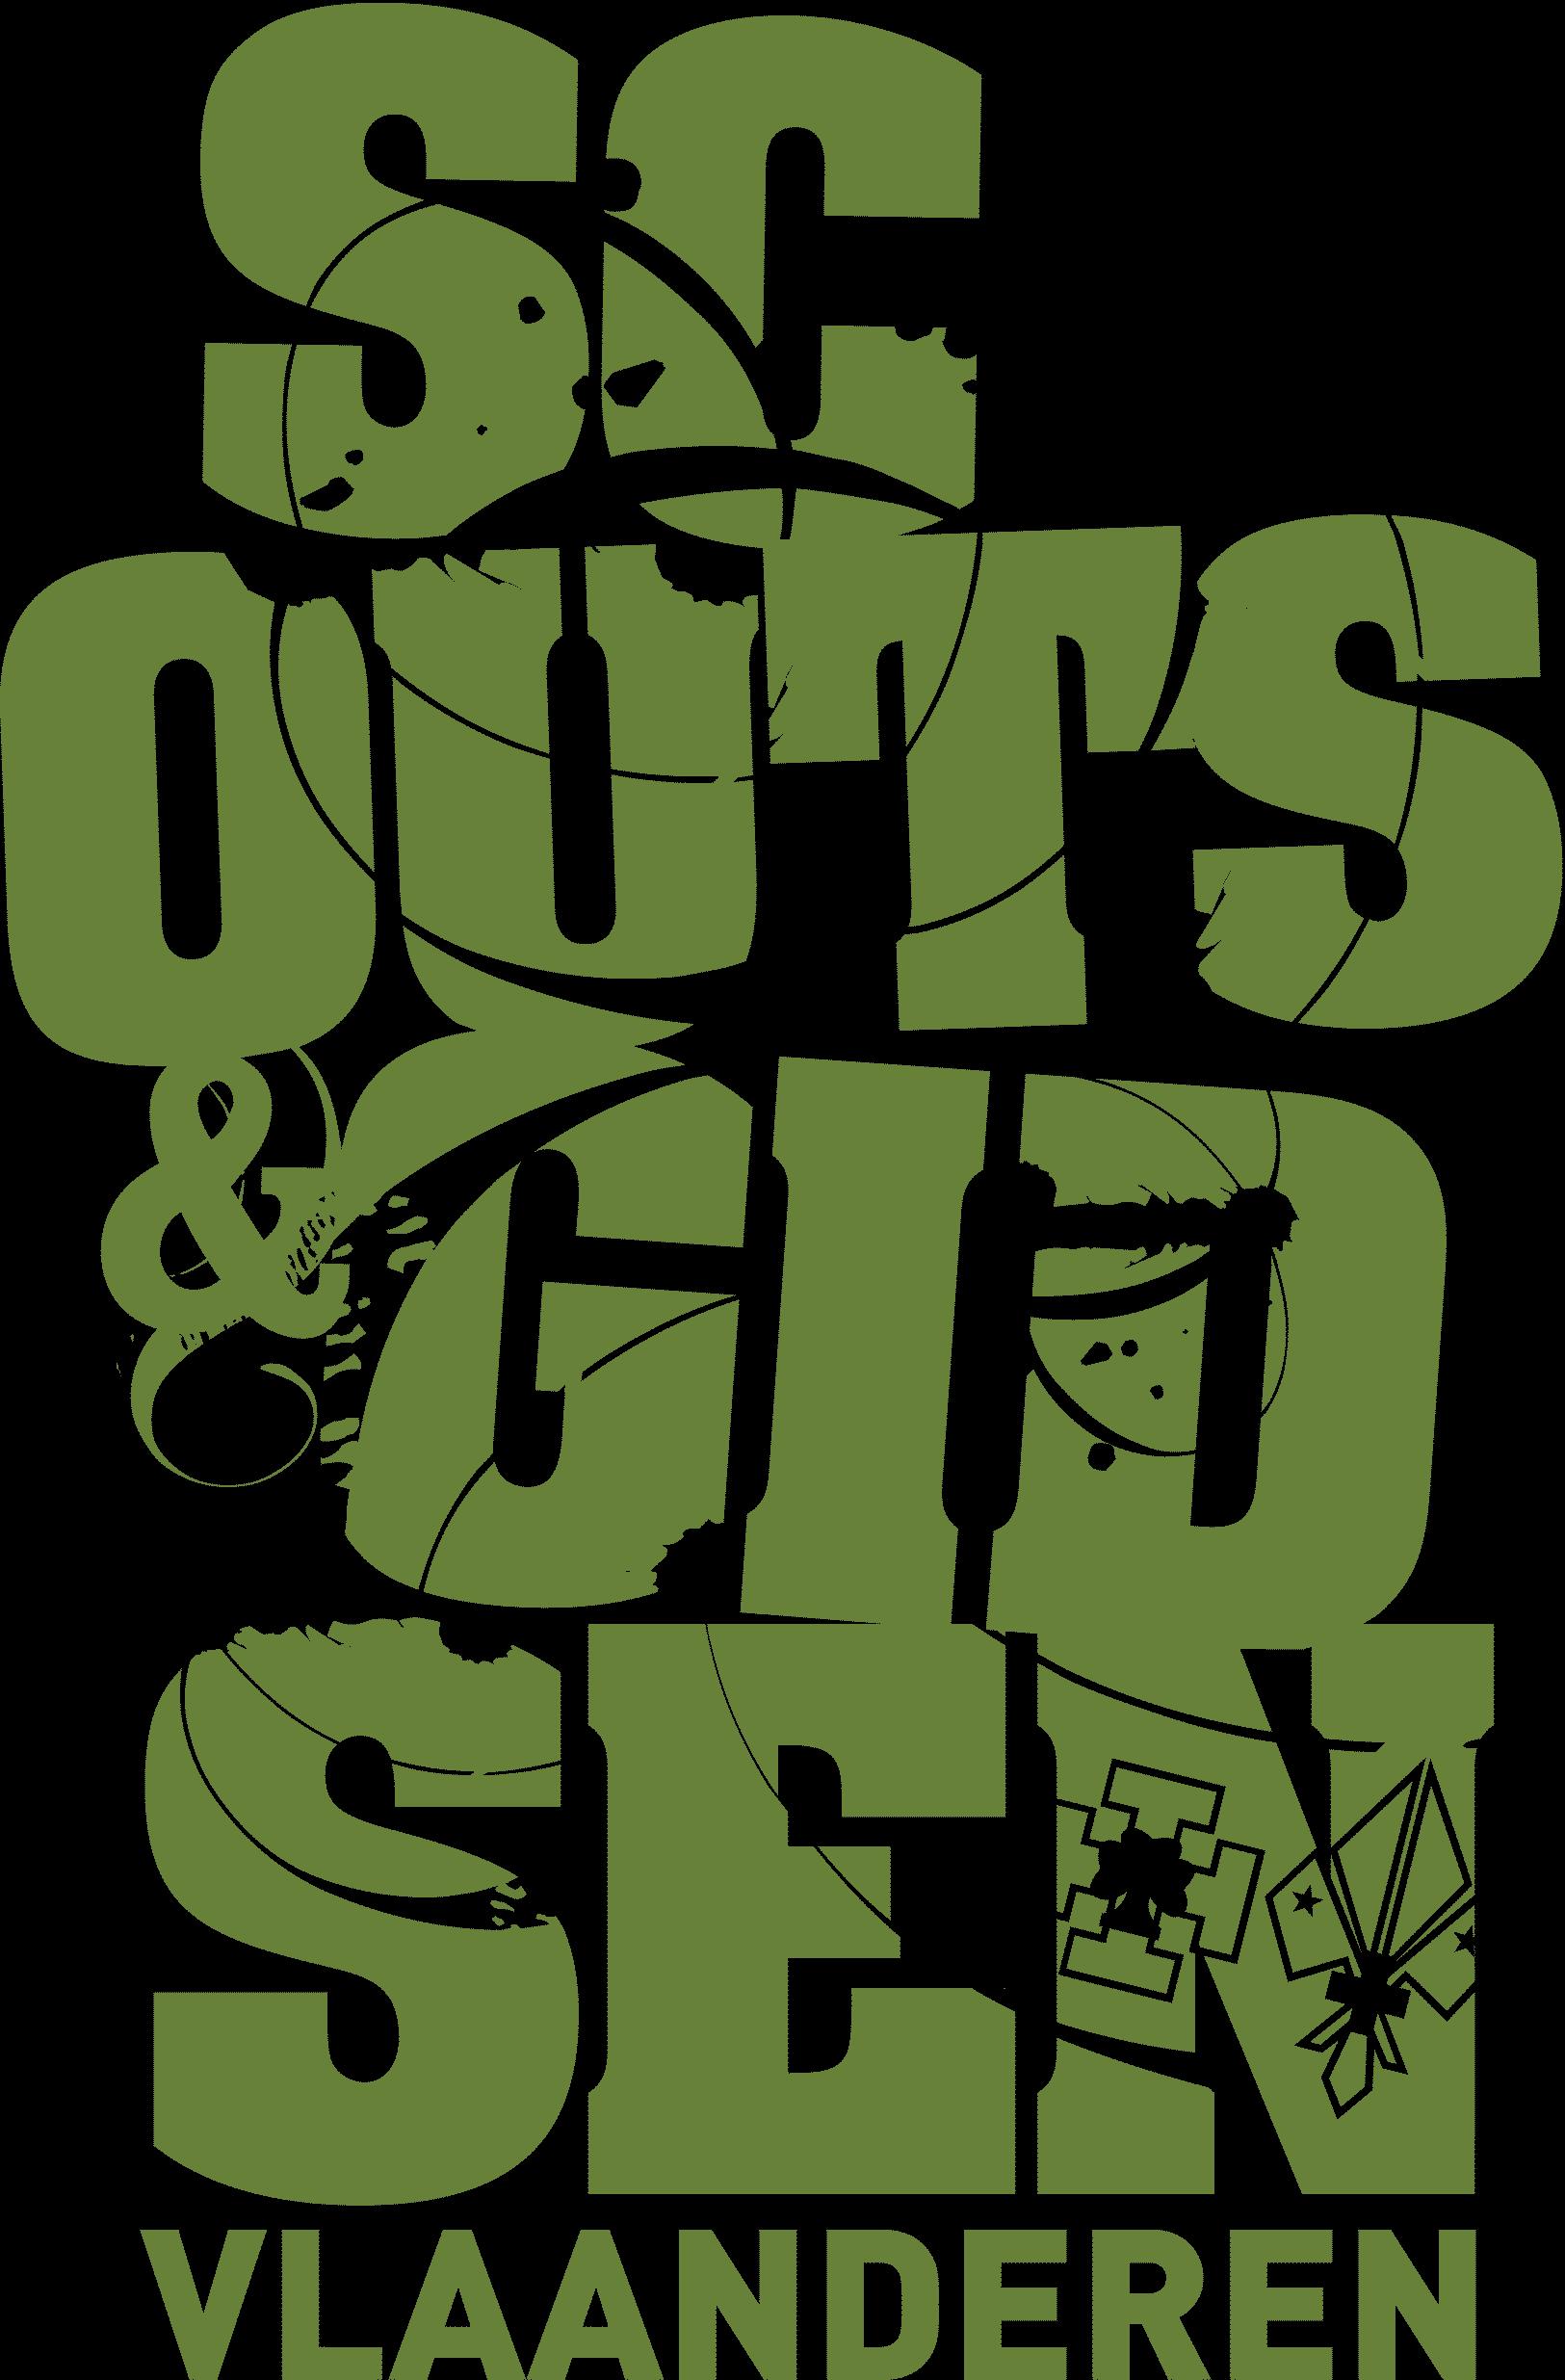 logo_scouts_en_gidsen_vlaanderen